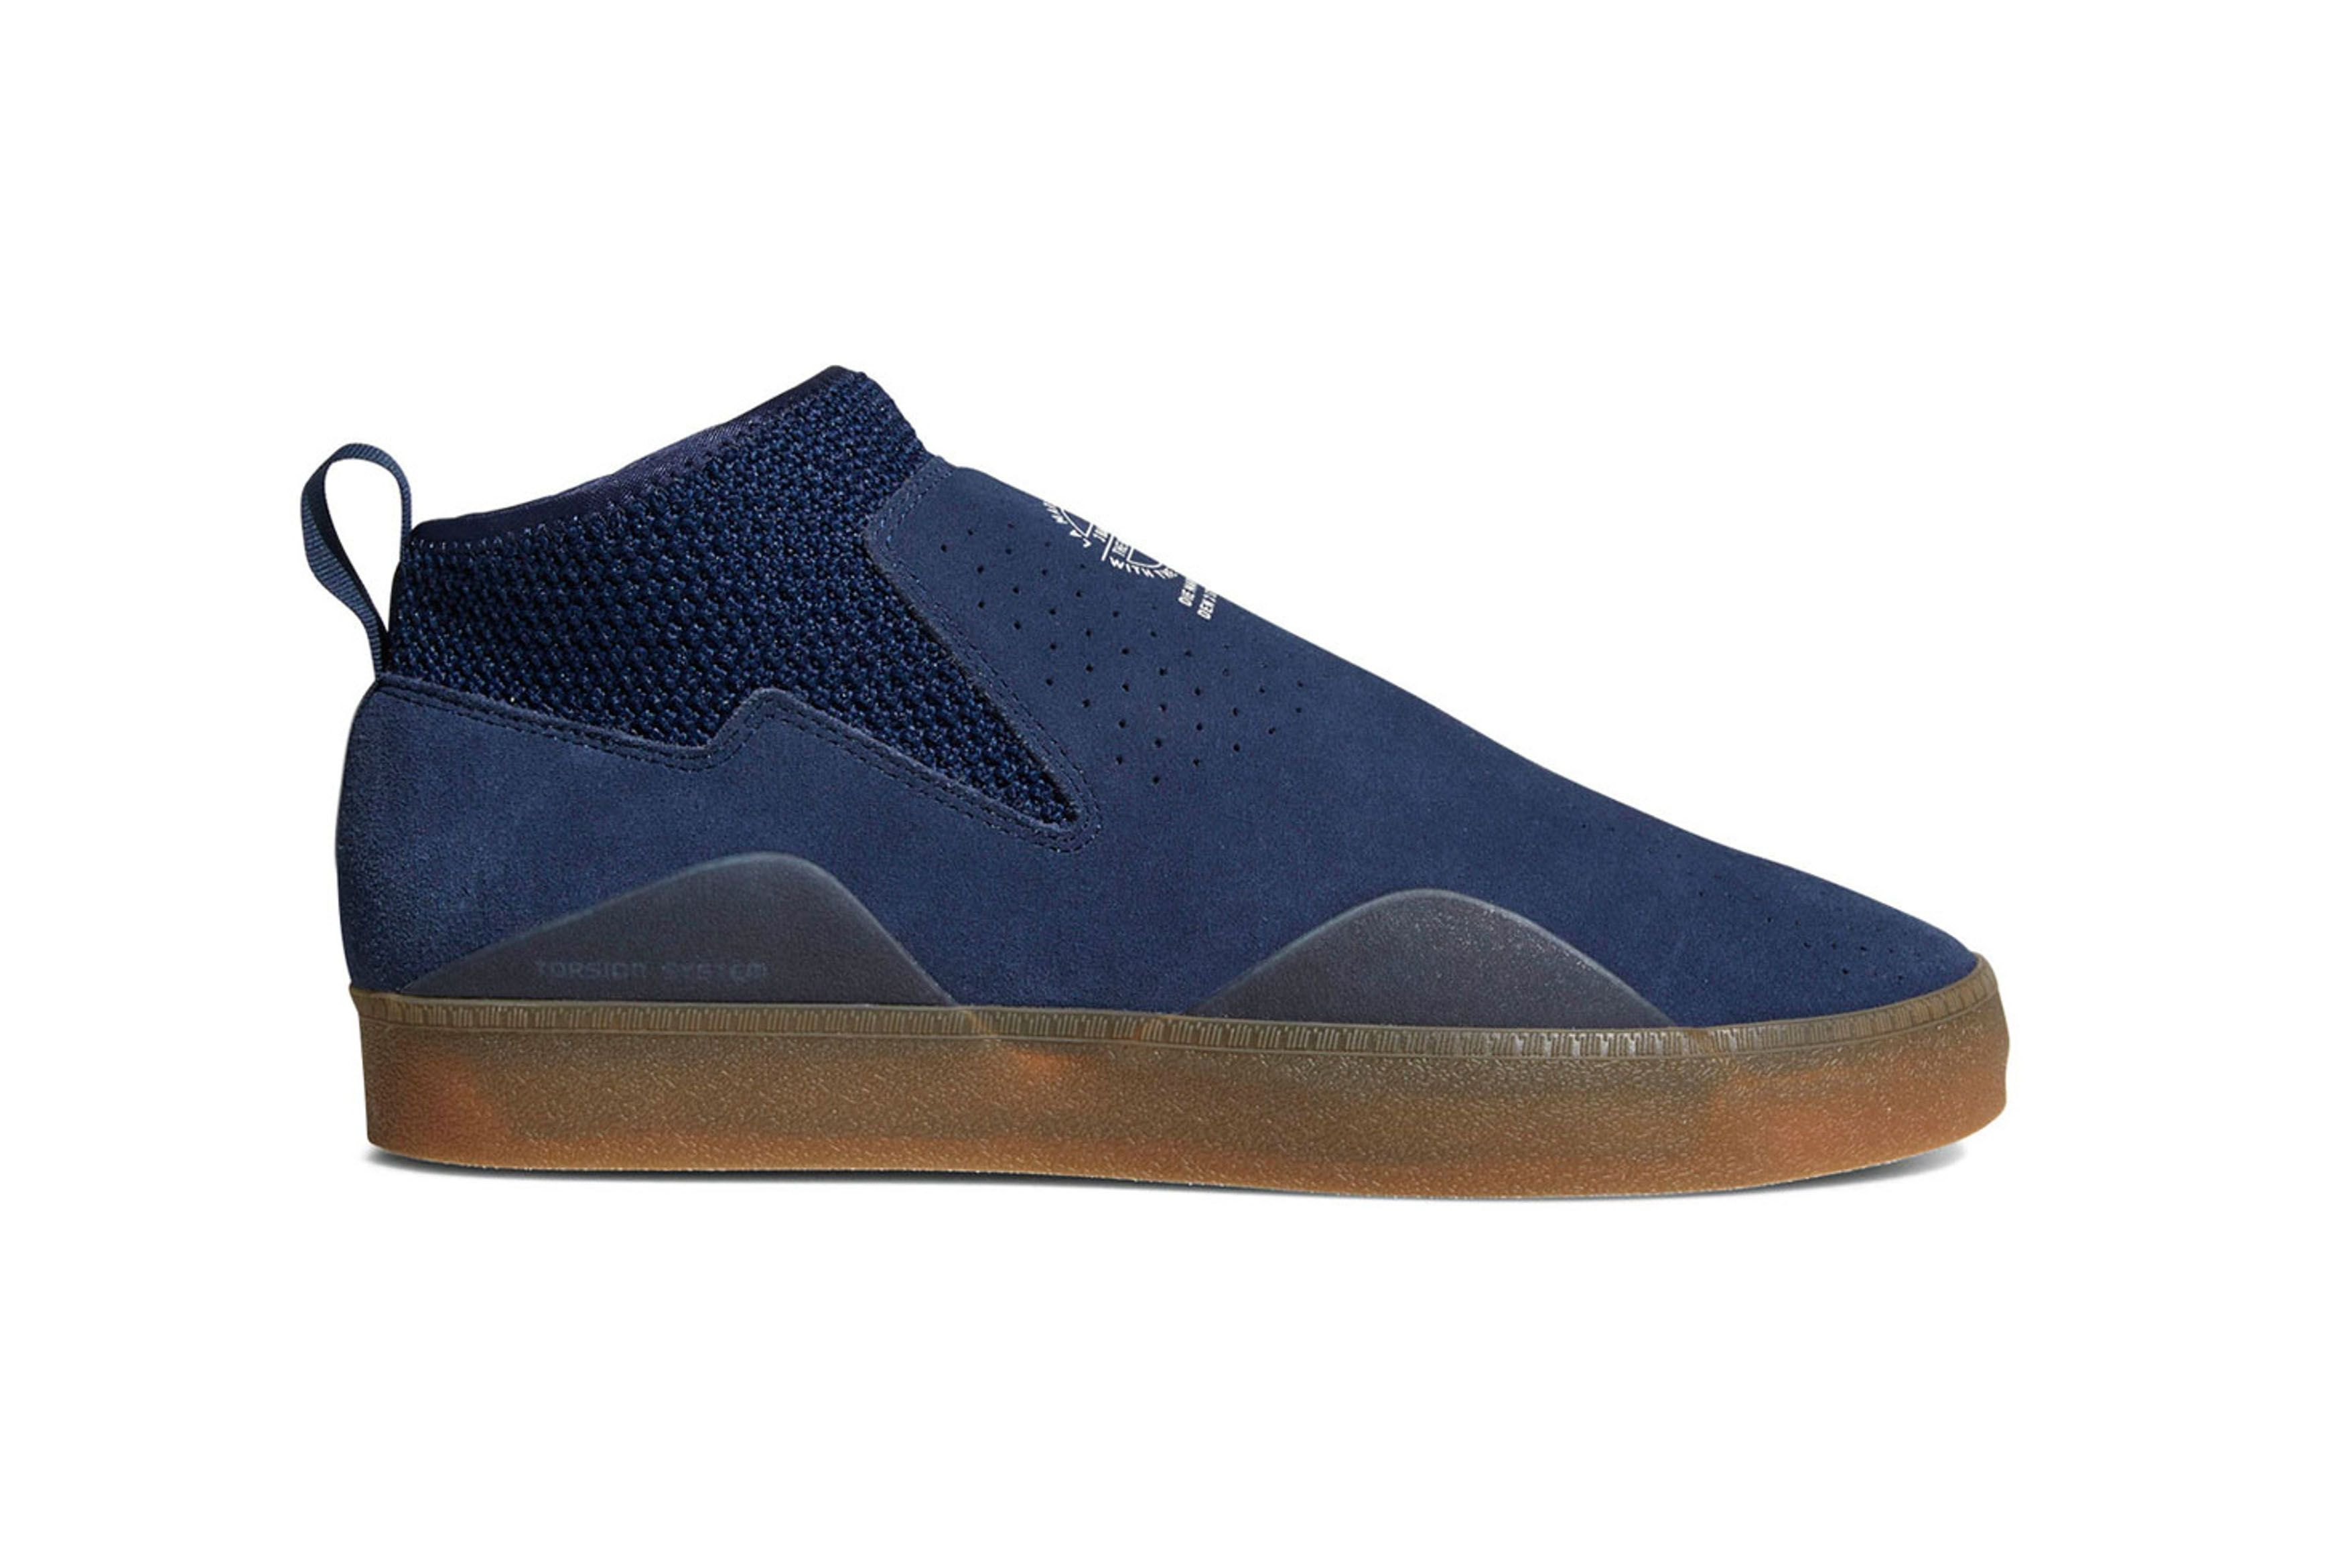 Adidas Skateboarding 3St002 College Navy 1 Sneaker Freaker